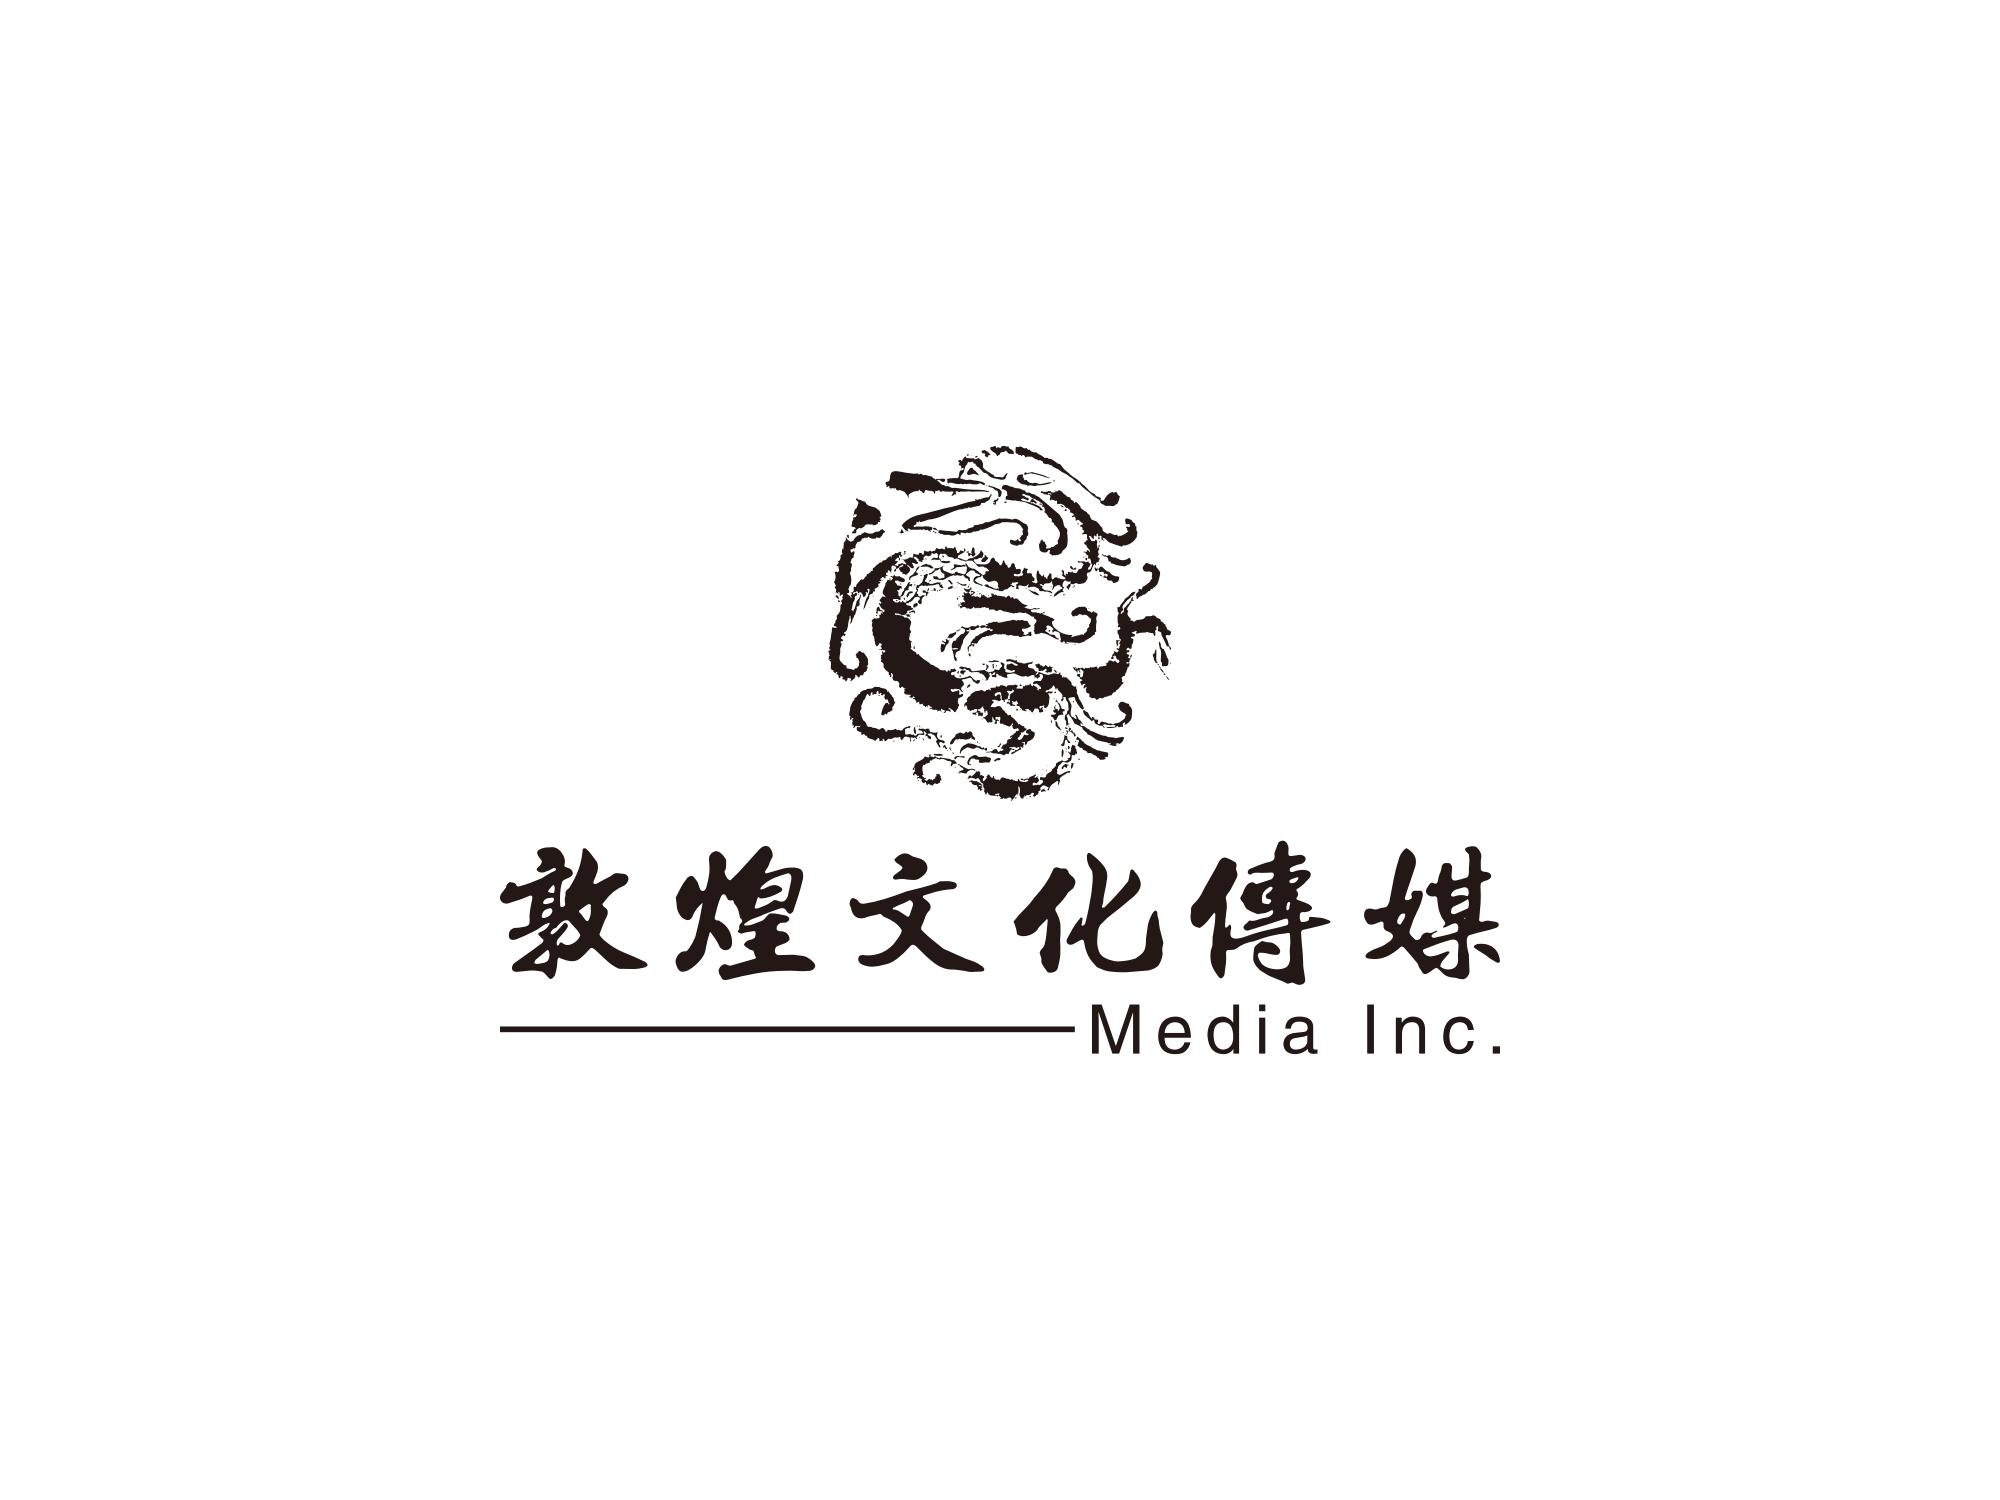 Logosc_698621524712805